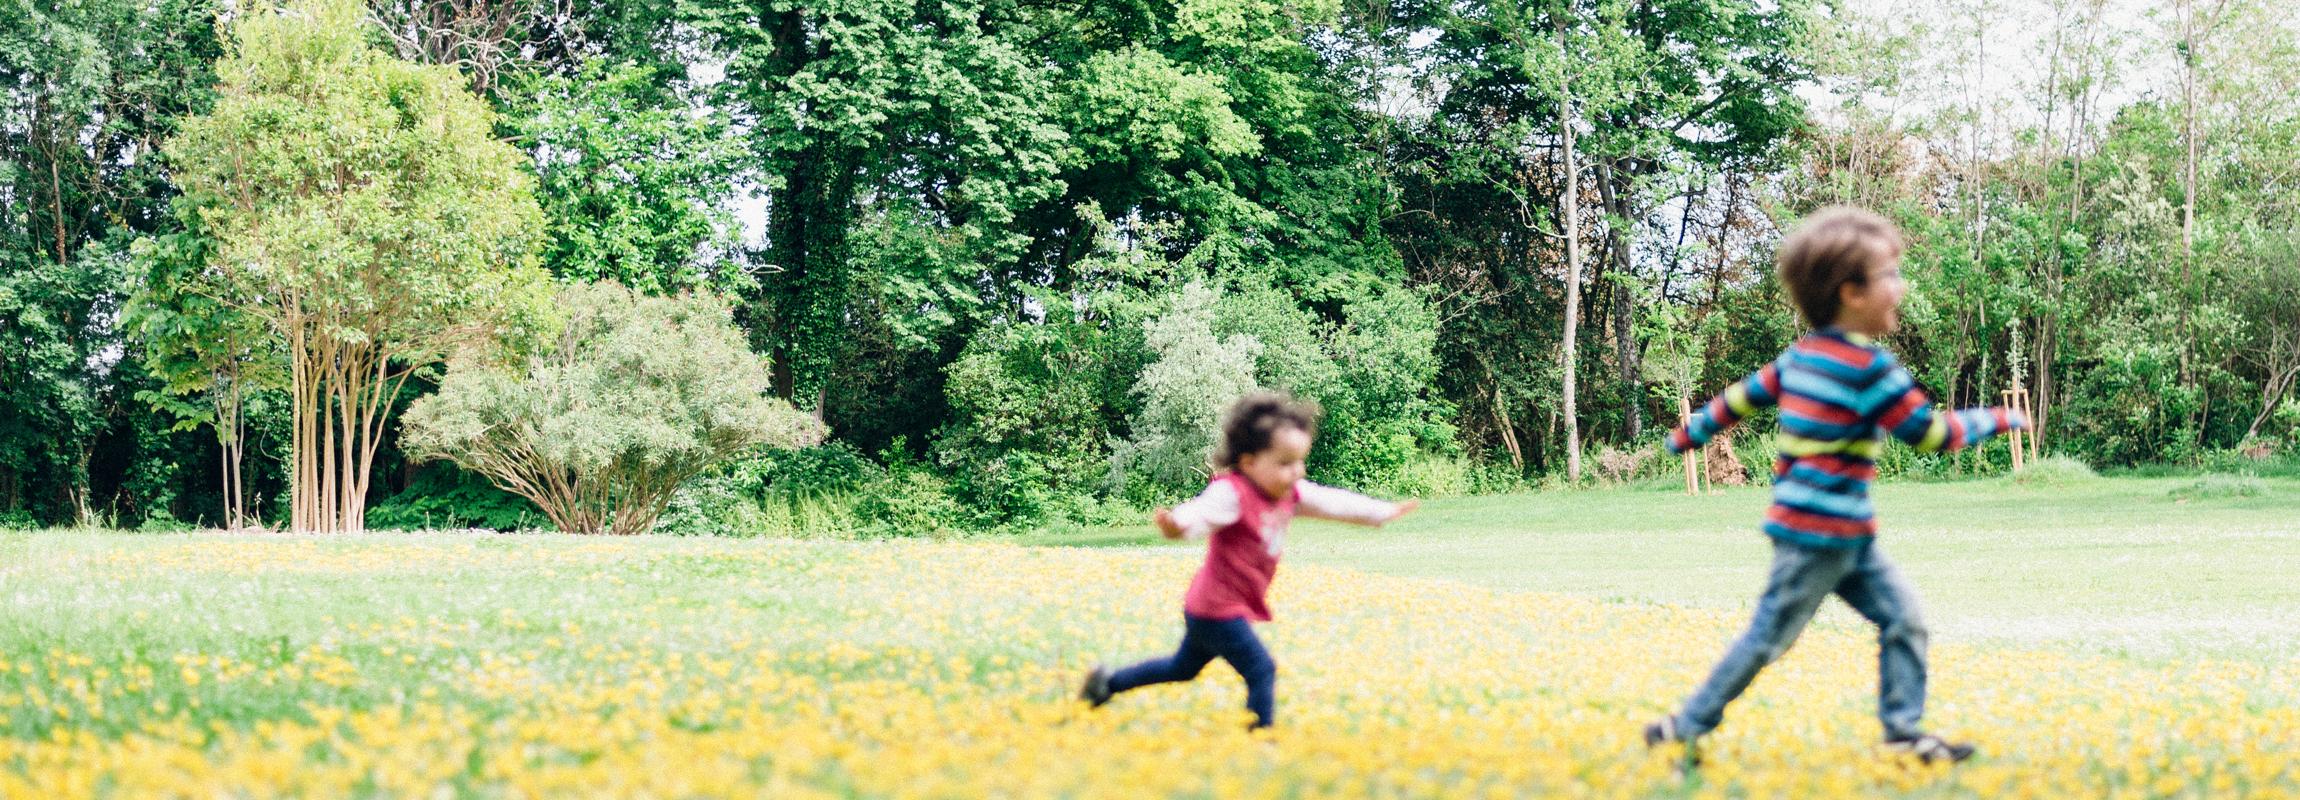 Fünf Hektare Spielplatz - selbstverständlich sind auch Kinder im Hotel Château de Montcaud in der Provence, Südfrankreich herzlich willkommen.